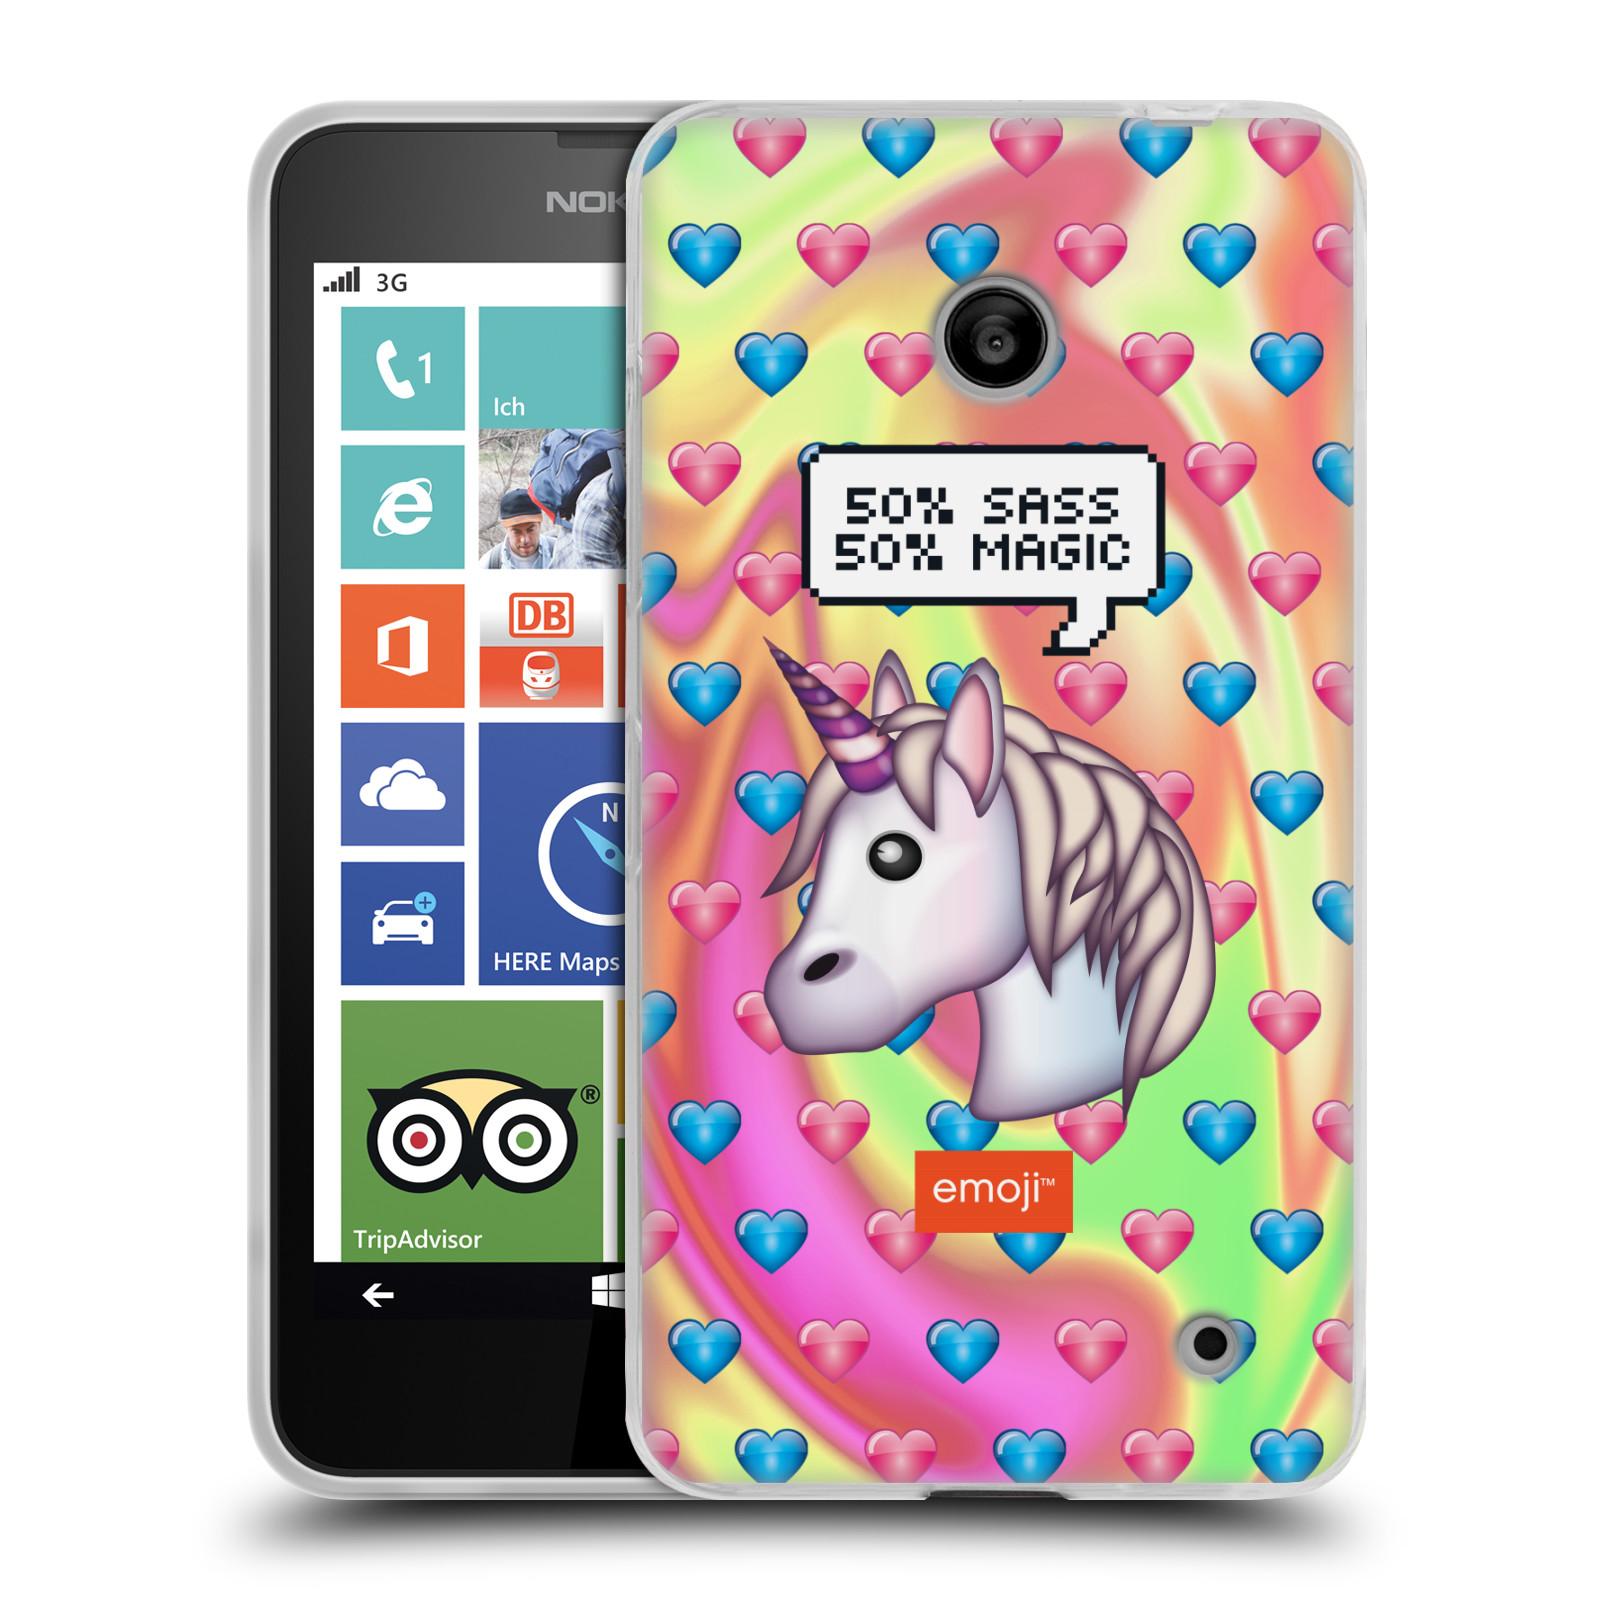 Silikonové pouzdro na mobil Nokia Lumia 635 HEAD CASE EMOJI - Jednorožec (Silikonový kryt či obal s oficiálním motivem EMOJI na mobilní telefon Nokia Lumia 635 Dual SIM)